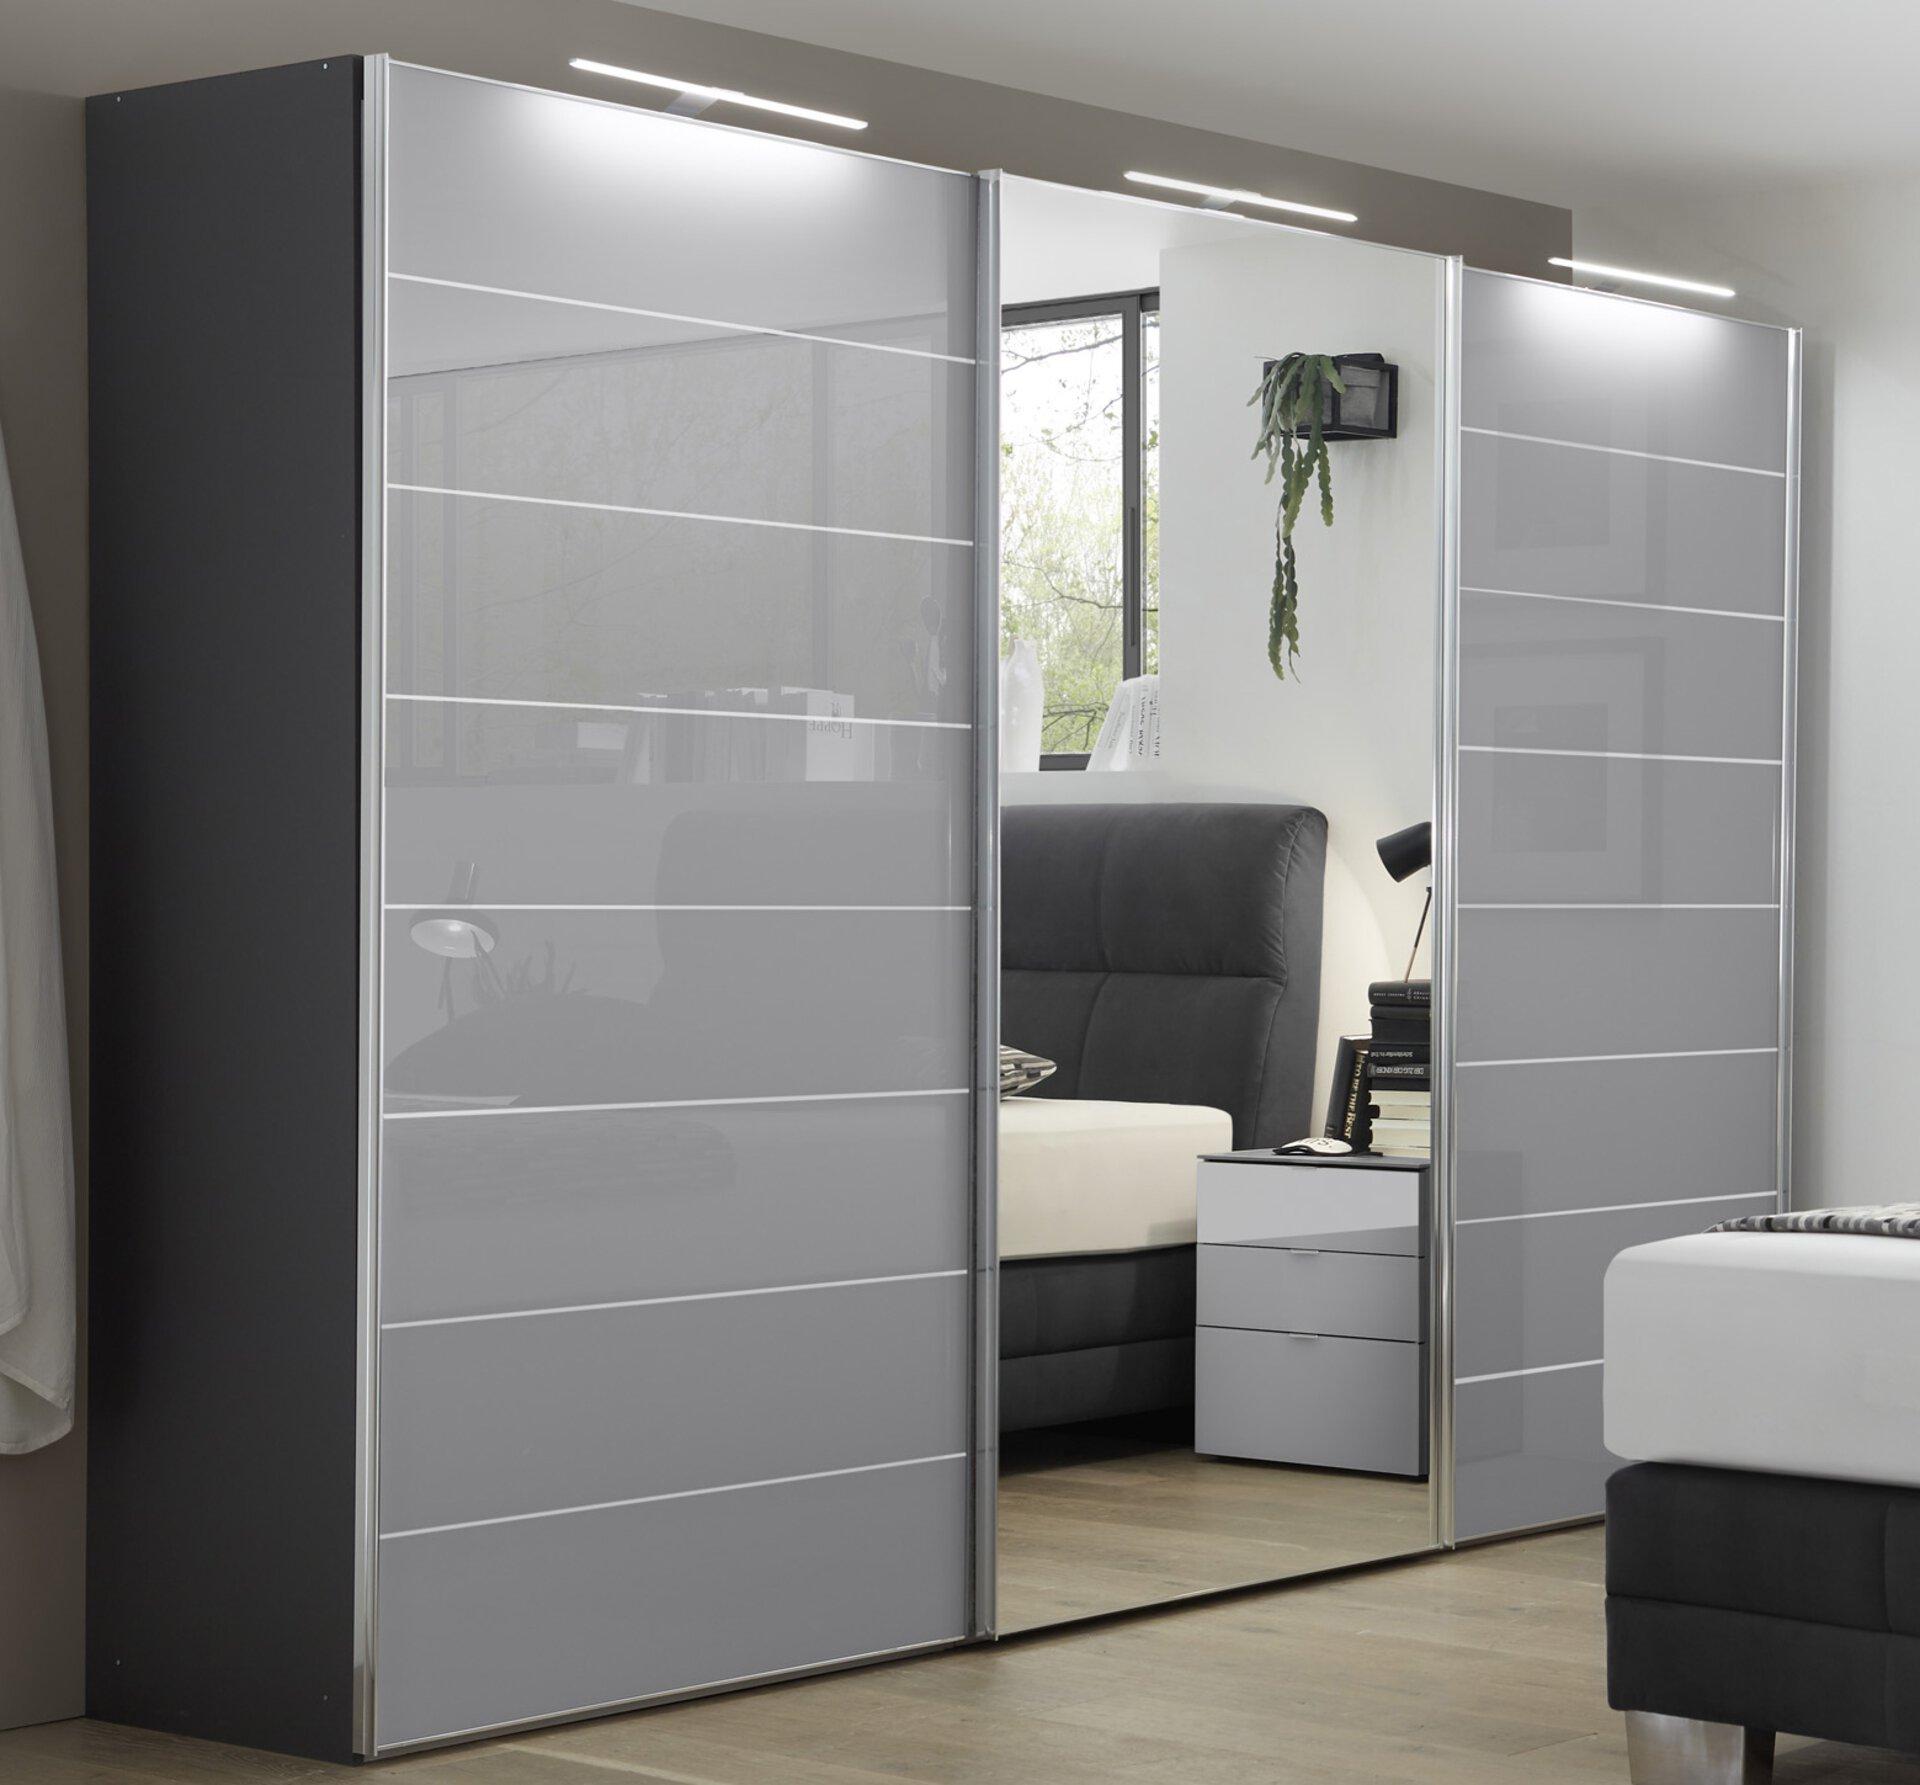 Schwebetürenschrank SERENADE COMO MONDO Holzwerkstoff grau ca. 280x222x68 cm   Möbel Inhofer